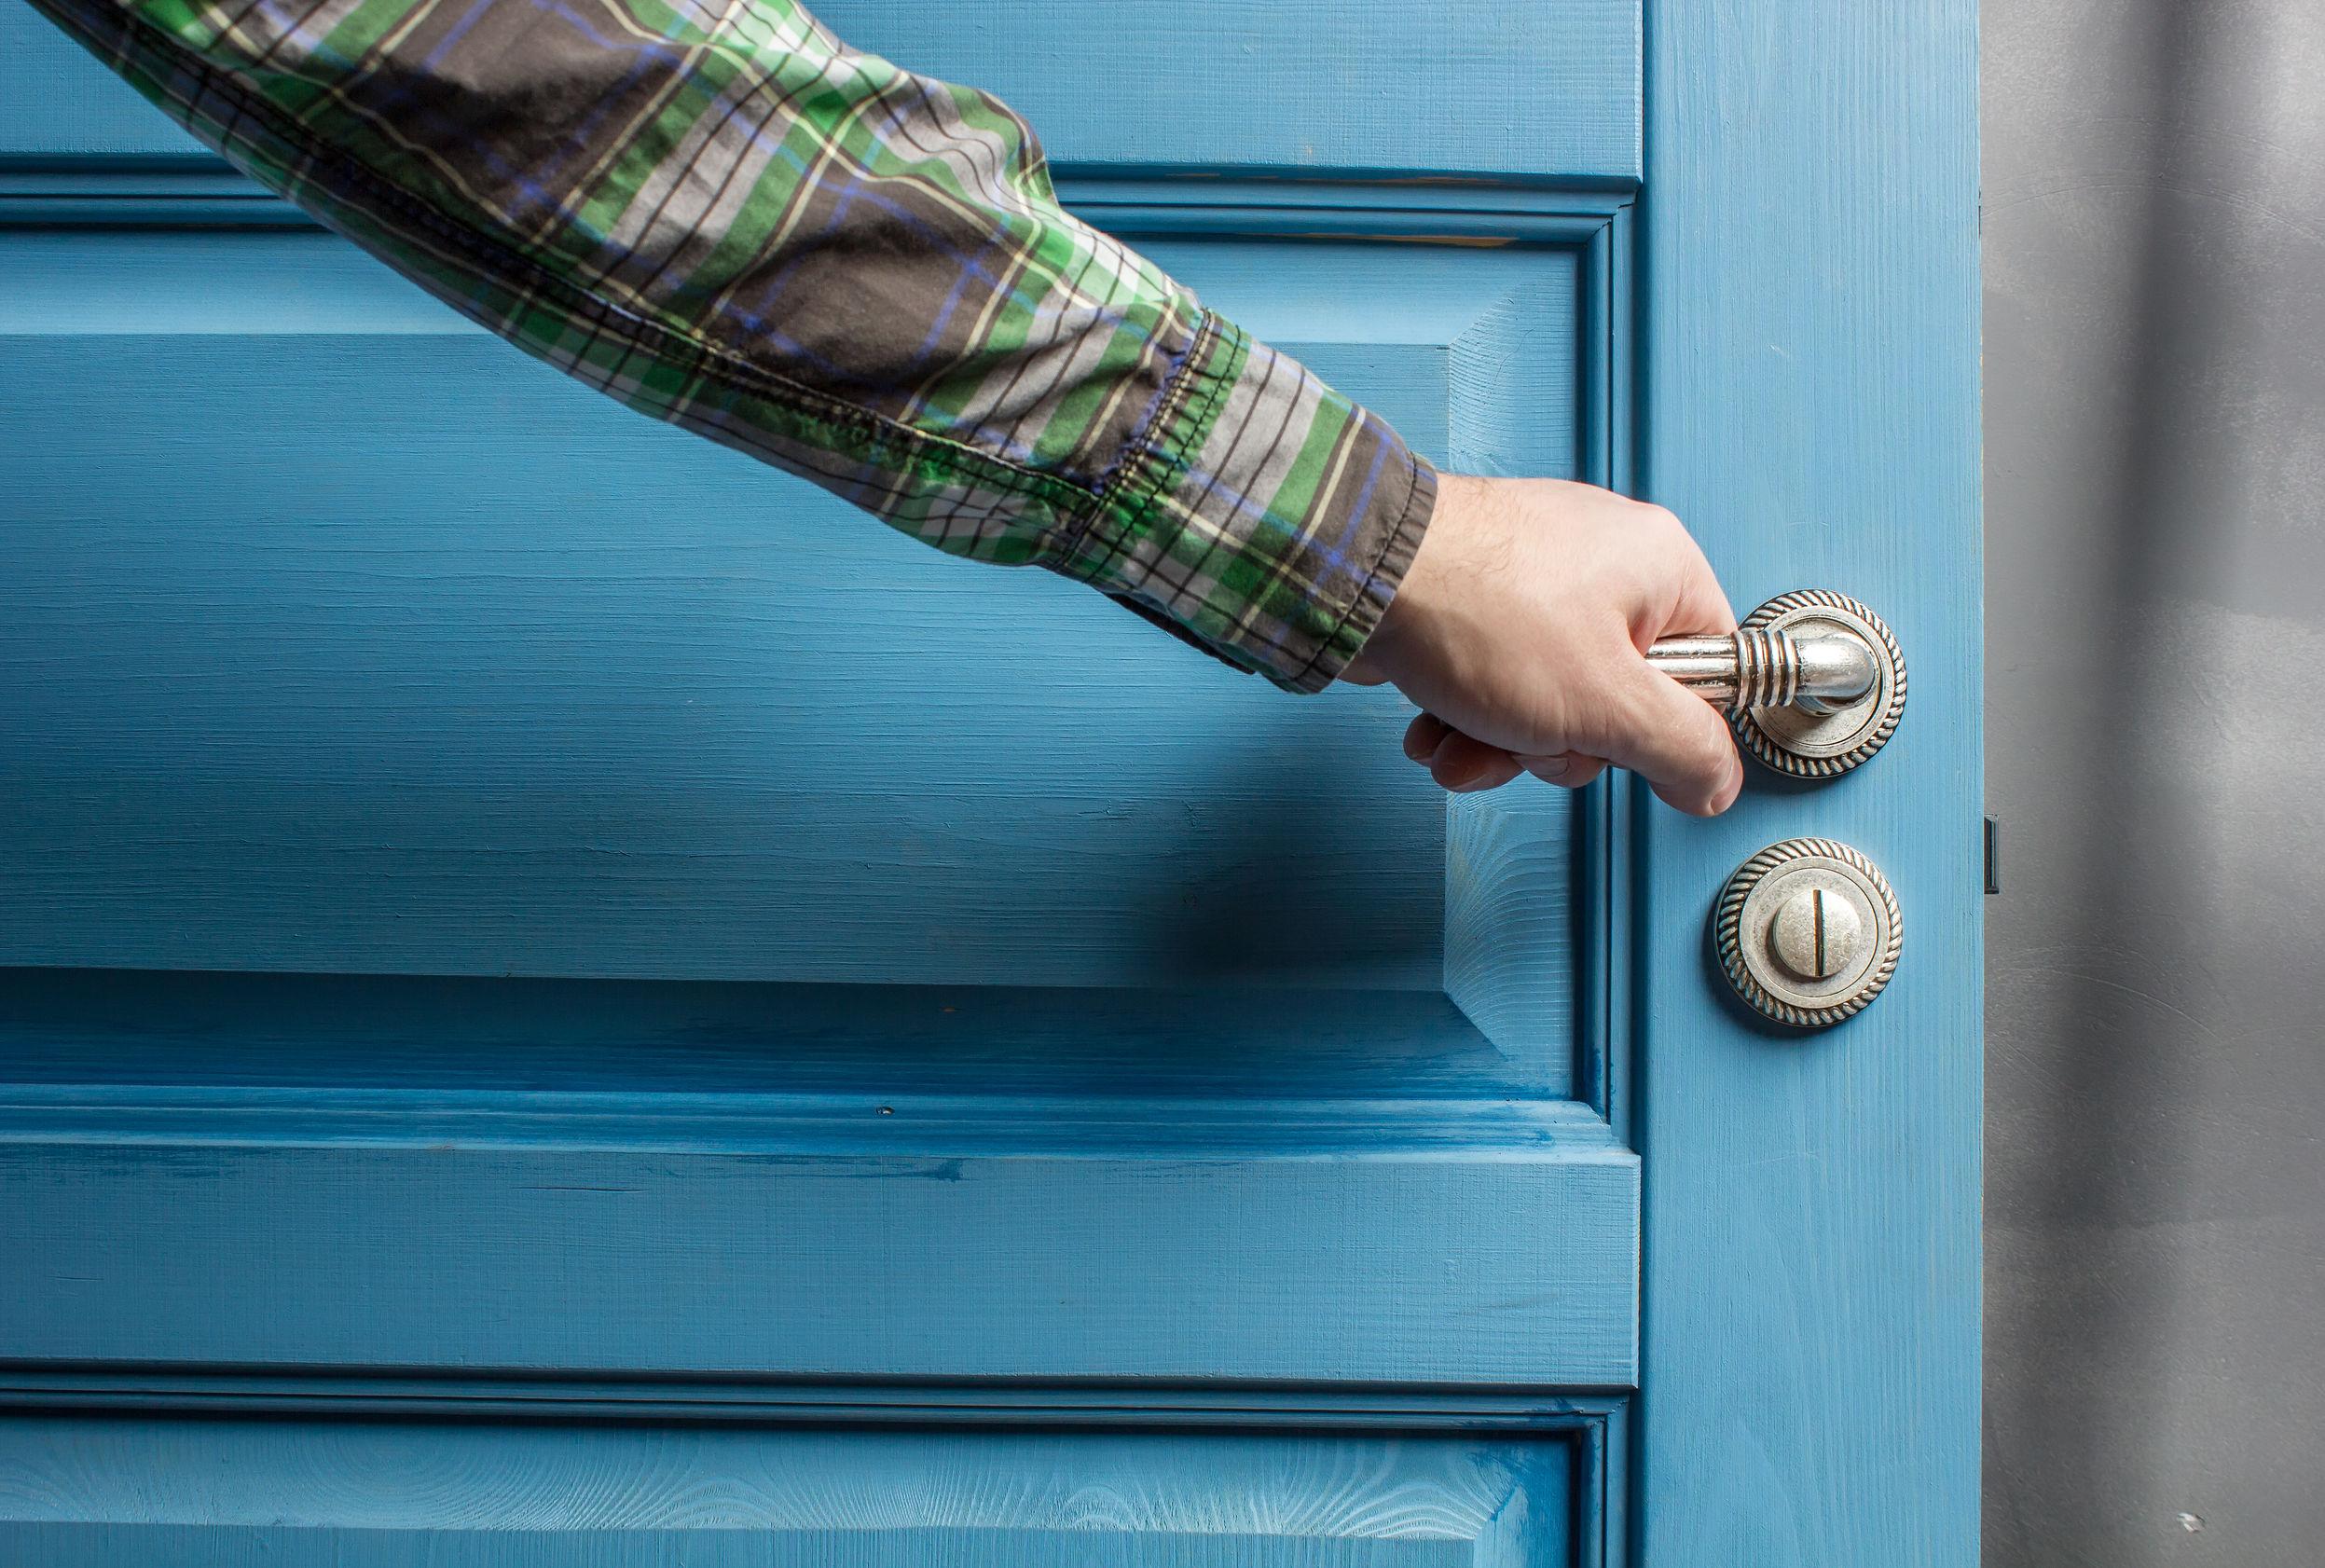 man opens the door knob